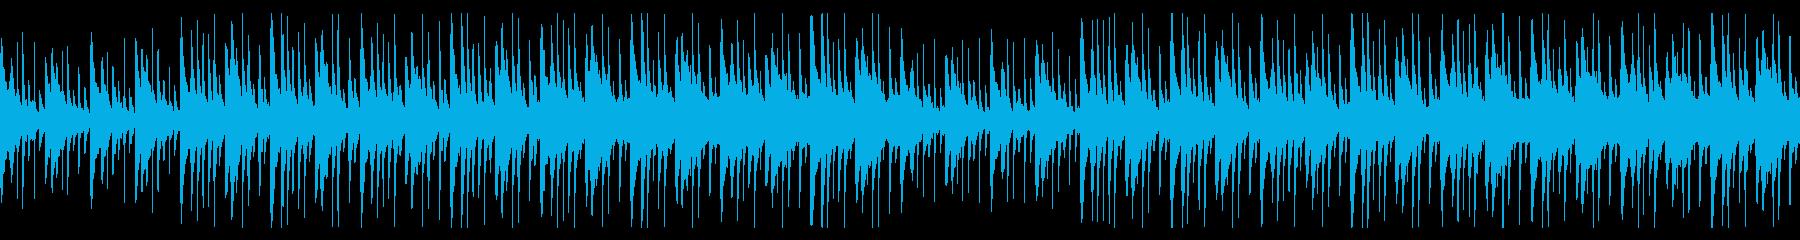 パーカッションの効いた民族音楽風BGMの再生済みの波形